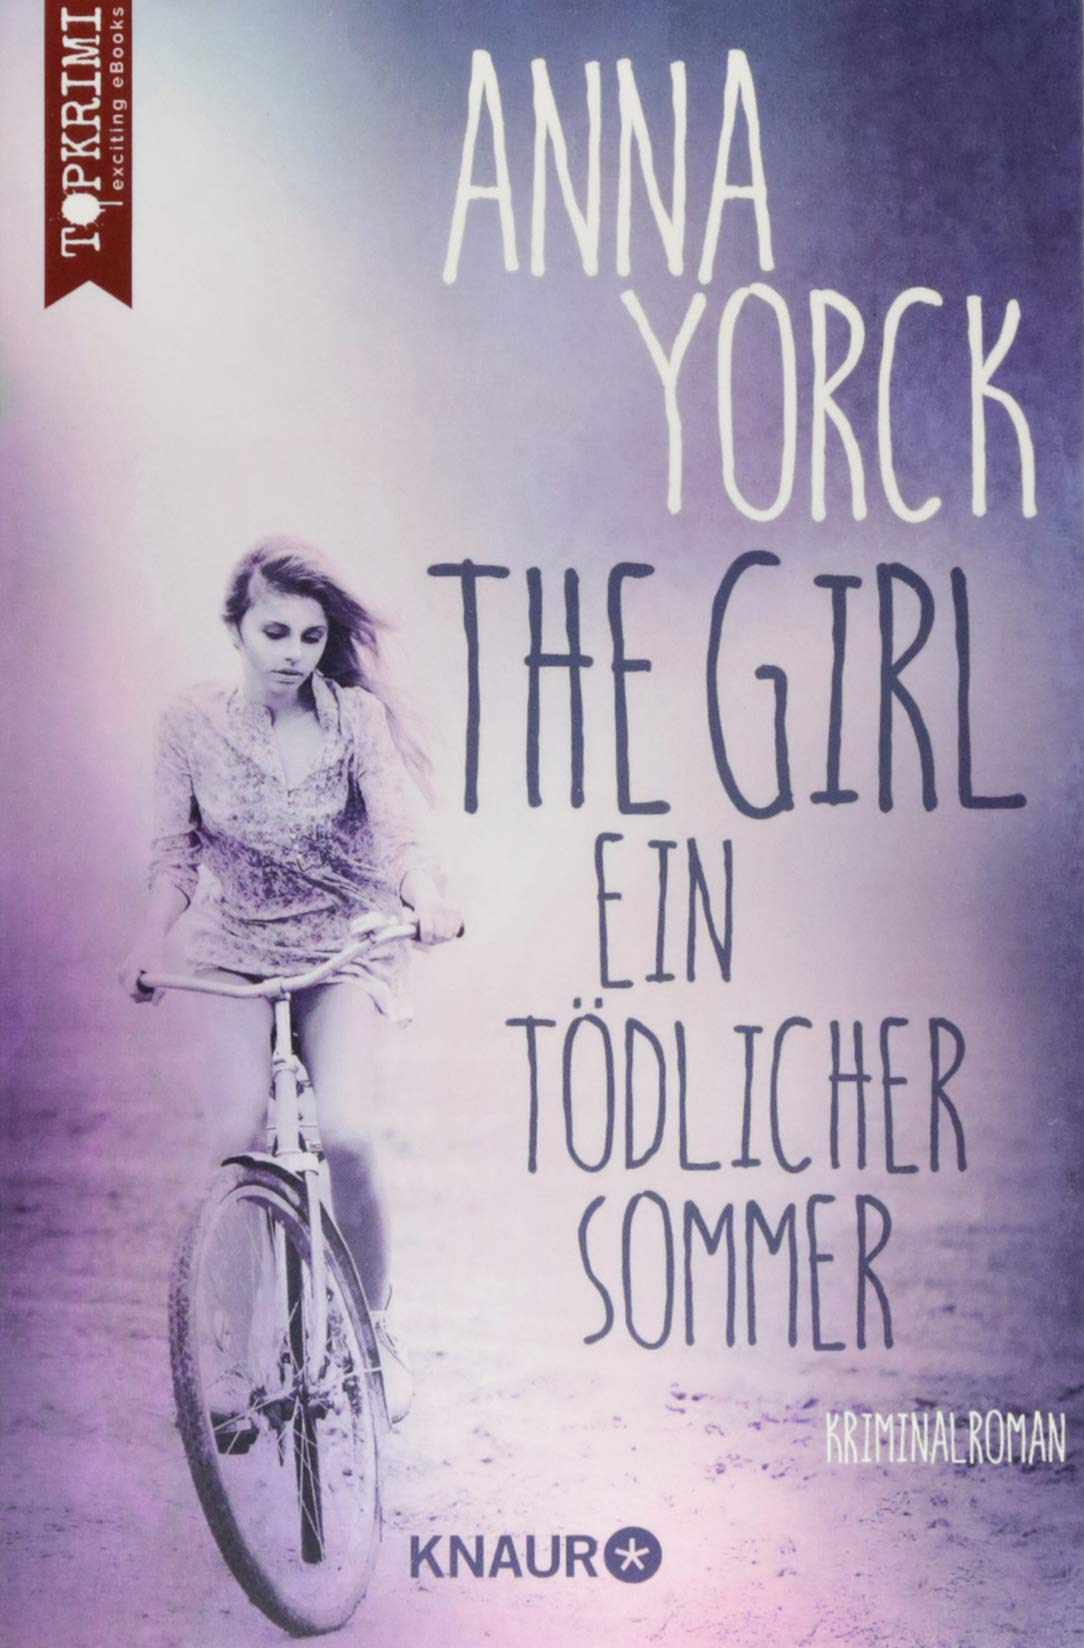 The Girl - ein tödlicher Sommer: Kriminalroman